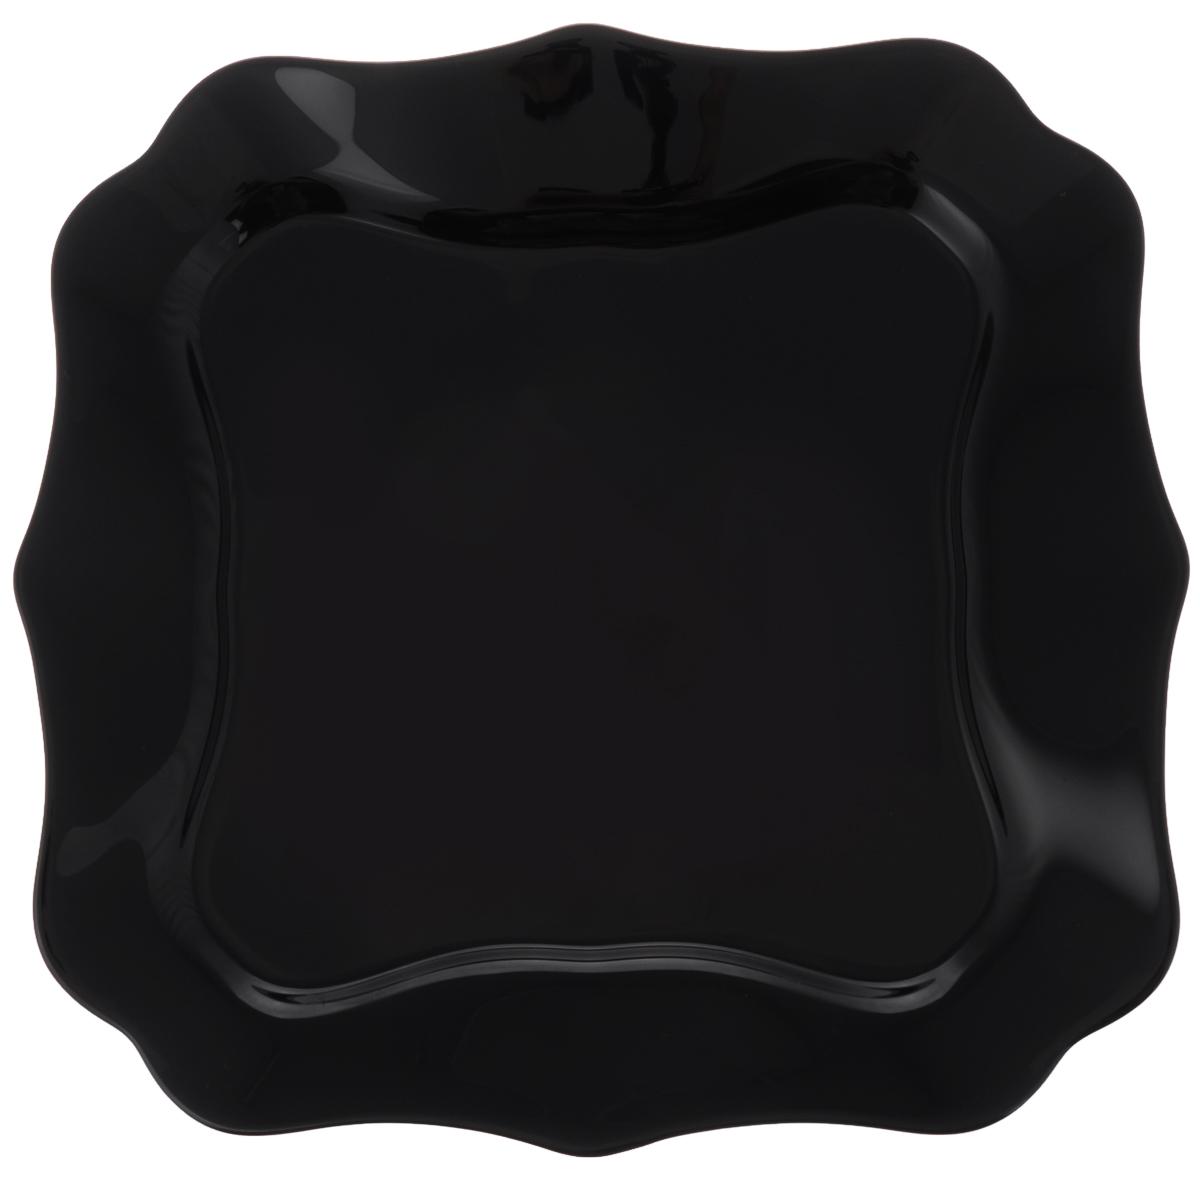 Тарелка десертная Luminarc Authentic Black, 21 х 21 смJ1336Десертная тарелка Luminarc Authentic Black, изготовленная из ударопрочного стекла, имеет изысканный внешний вид. Такая тарелка прекрасно подходит как для торжественных случаев, так и для повседневного использования. Идеальна для подачи десертов, пирожных, тортов и многого другого. Она прекрасно оформит стол и станет отличным дополнением к вашей коллекции кухонной посуды. Размер тарелки (по верхнему краю): 21 х 21 см.